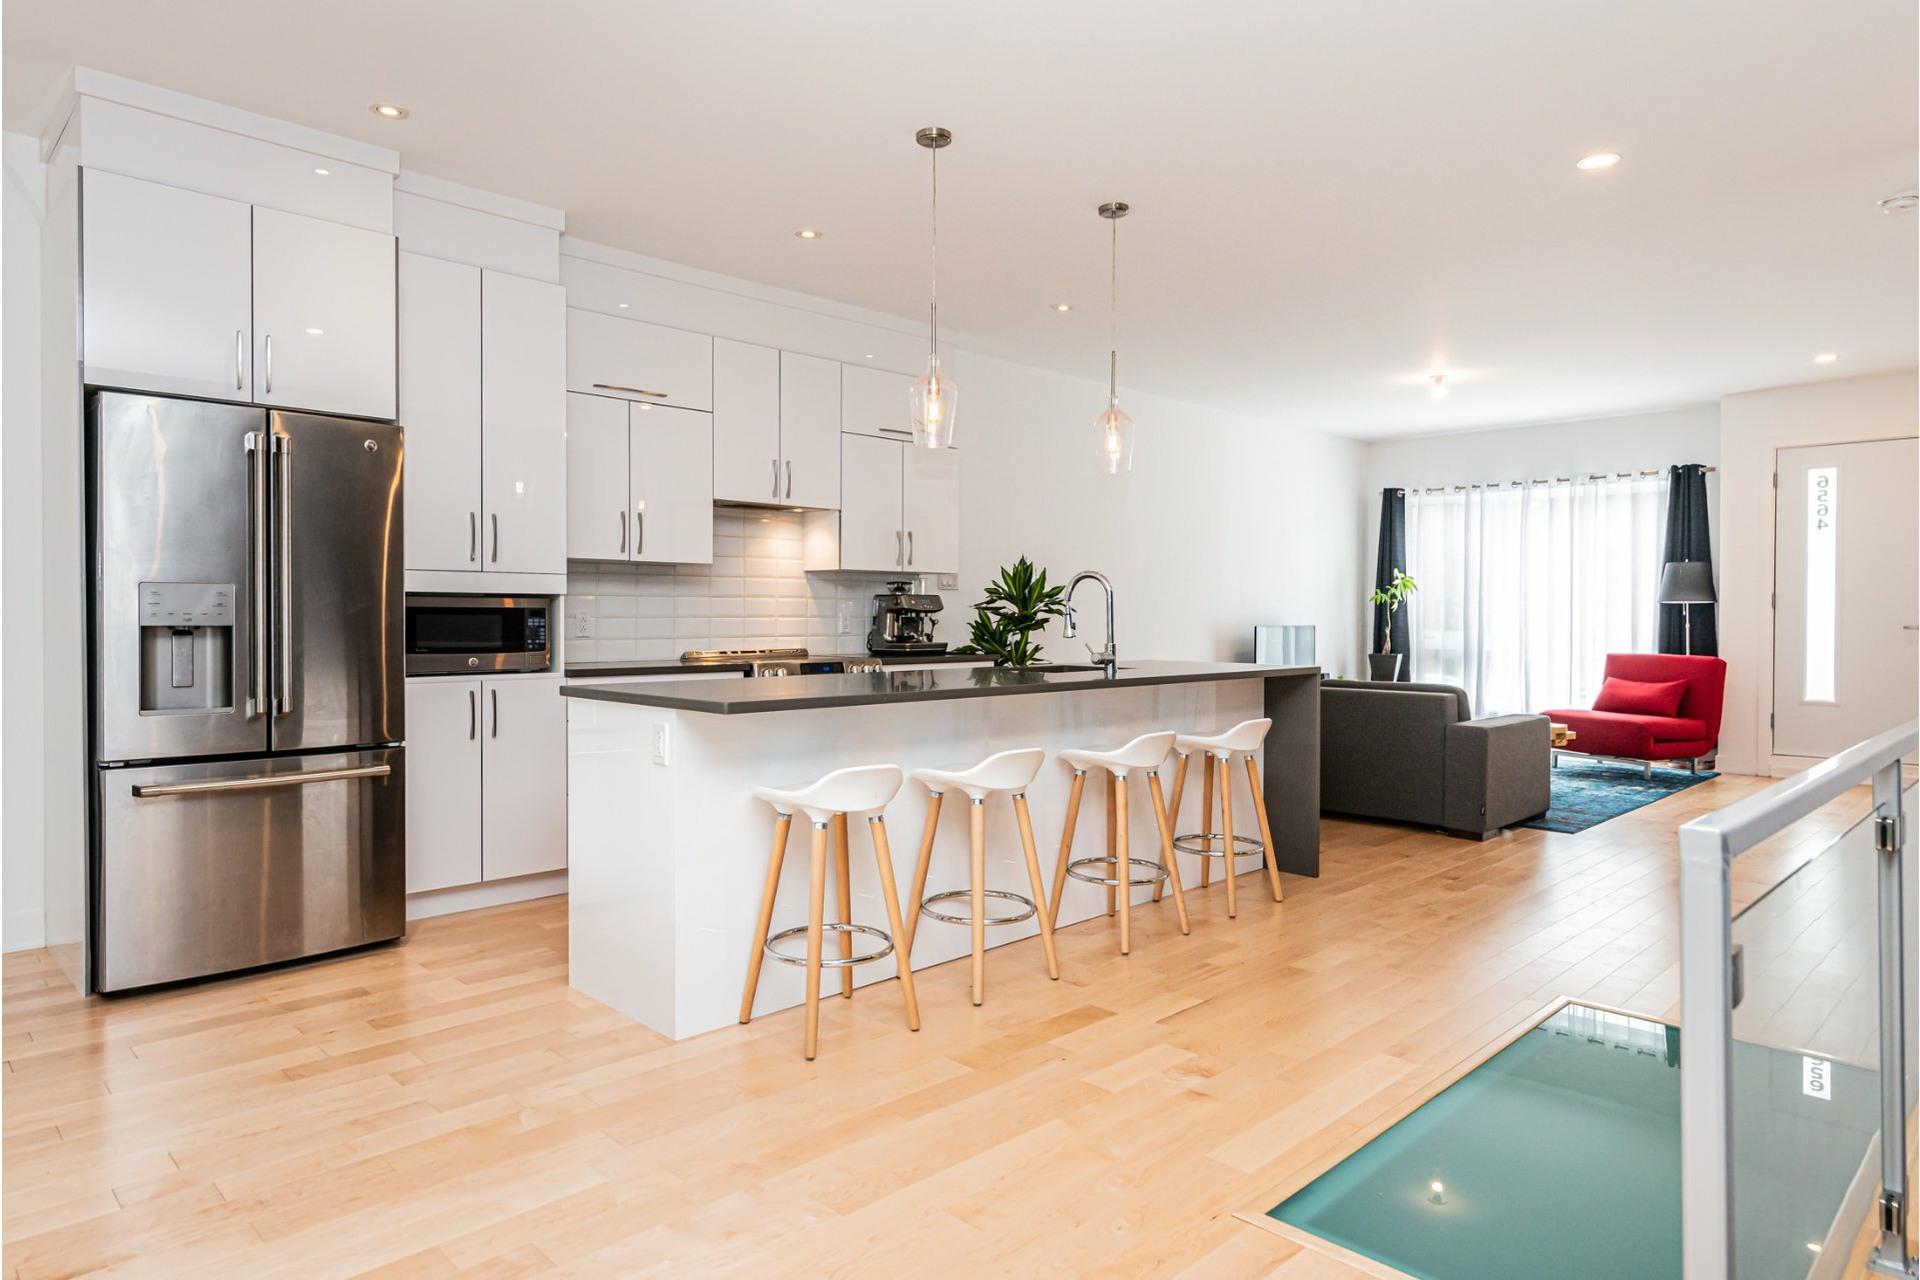 image 9 - Apartment For rent Rosemont/La Petite-Patrie Montréal  - 8 rooms